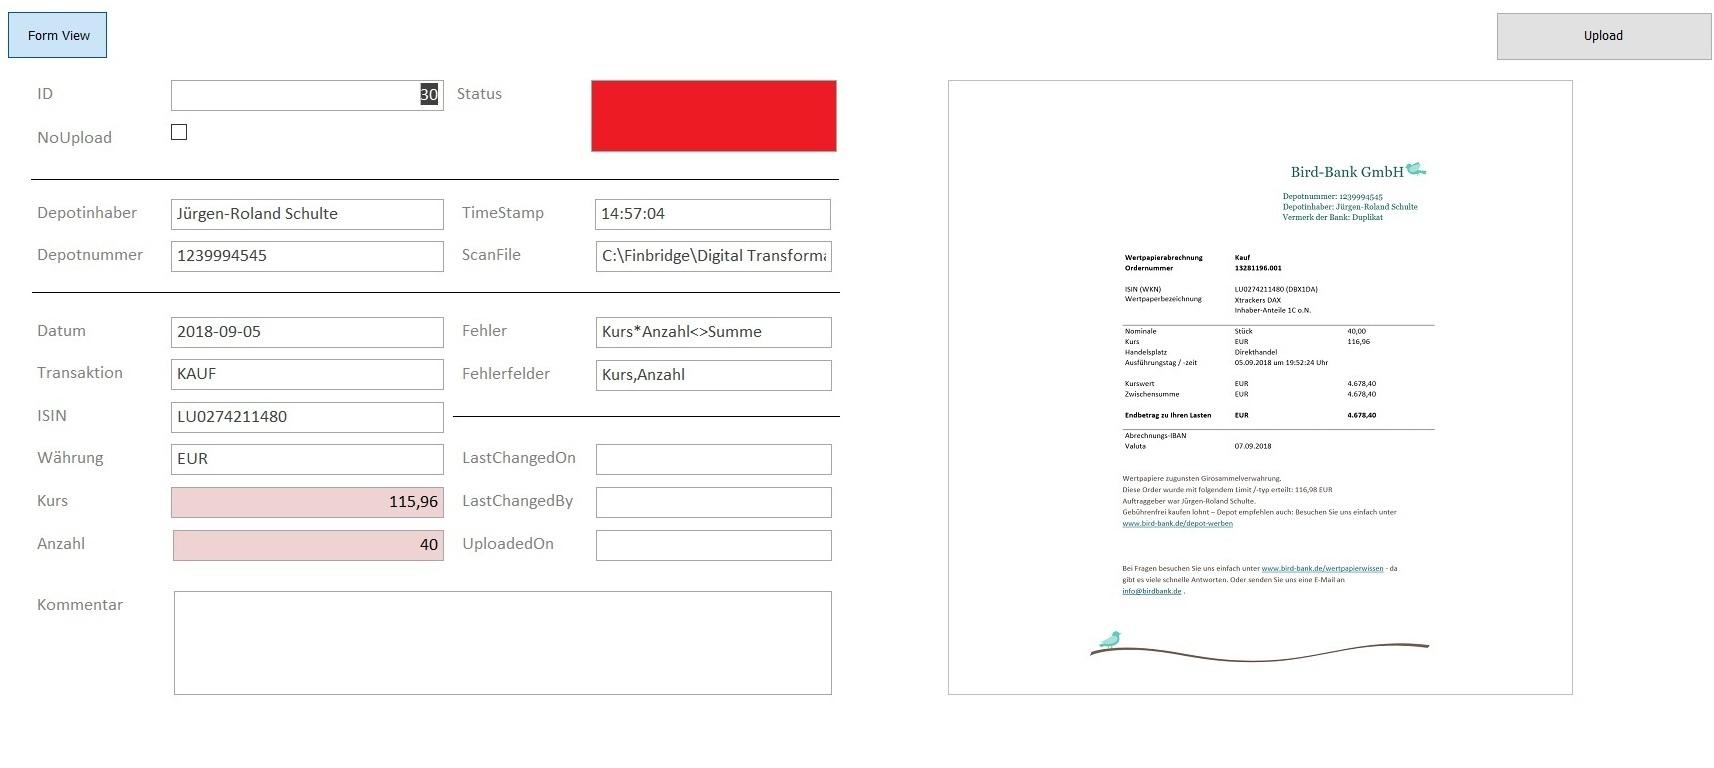 Abbildung 5:  Front-End zur manuellen Bearbeitung der Datensätze, die nicht vollständig via Algorithmus ausgelesen werden konnten. Quelle: Finbridge GmbH & Co. KG